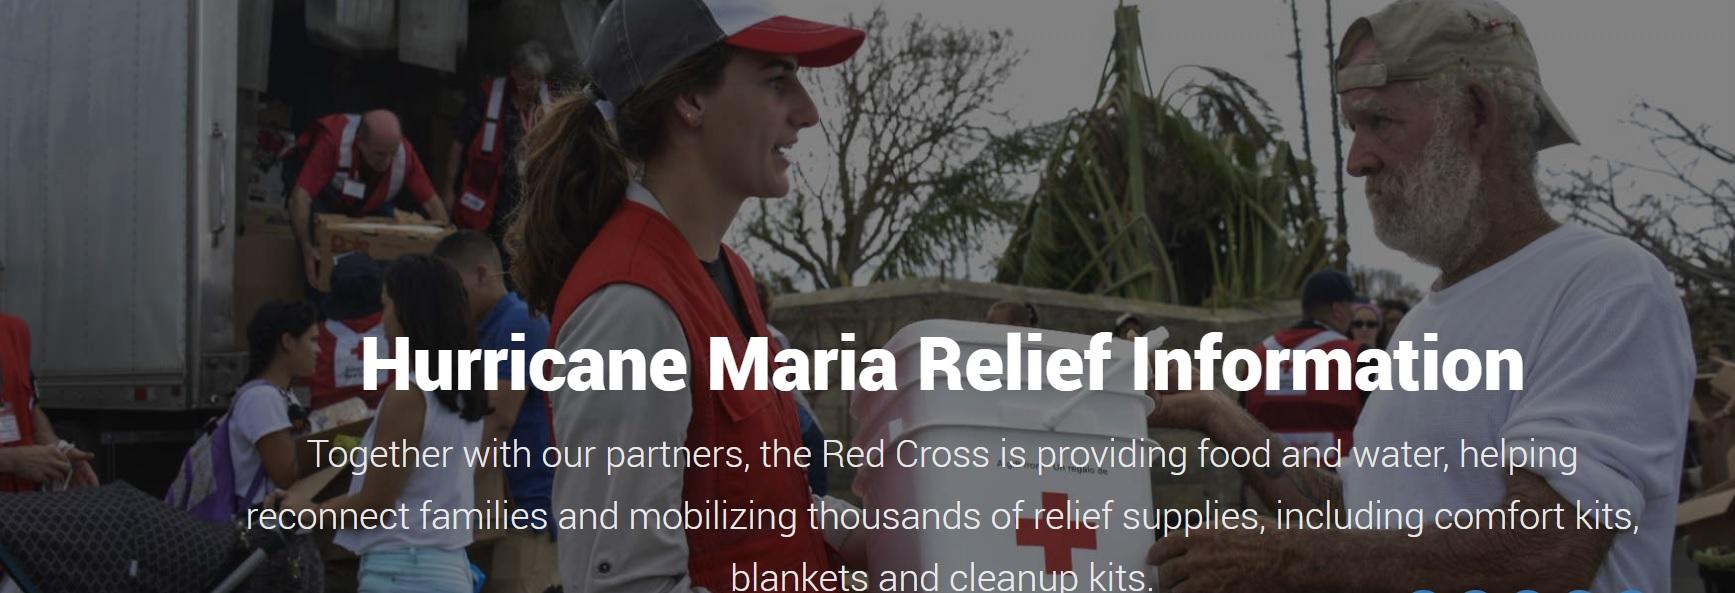 Red Cross Hurricane